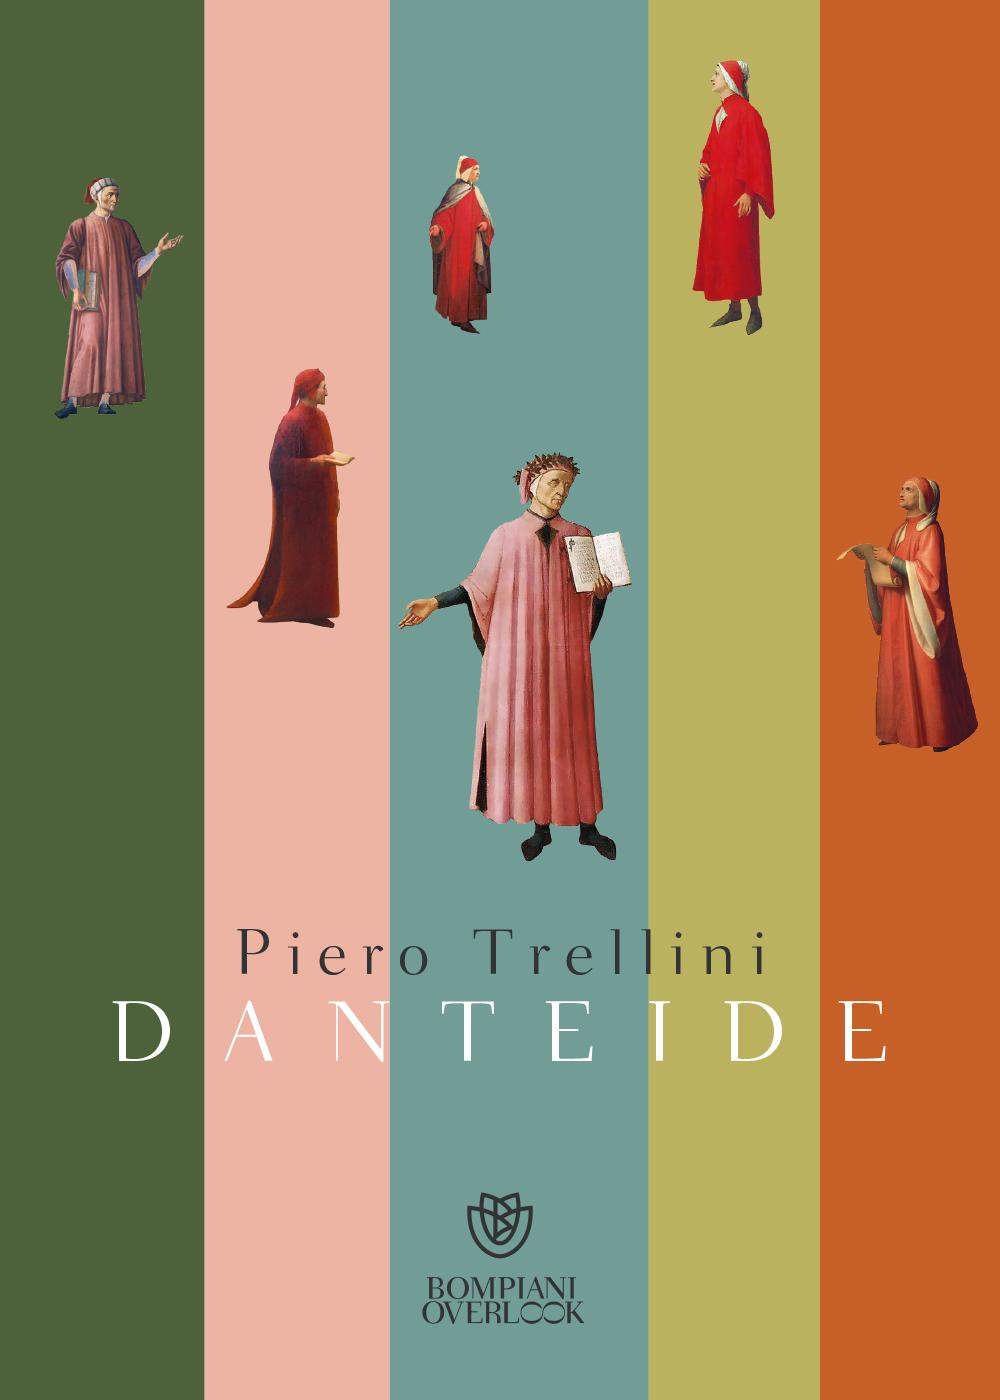 Danteide